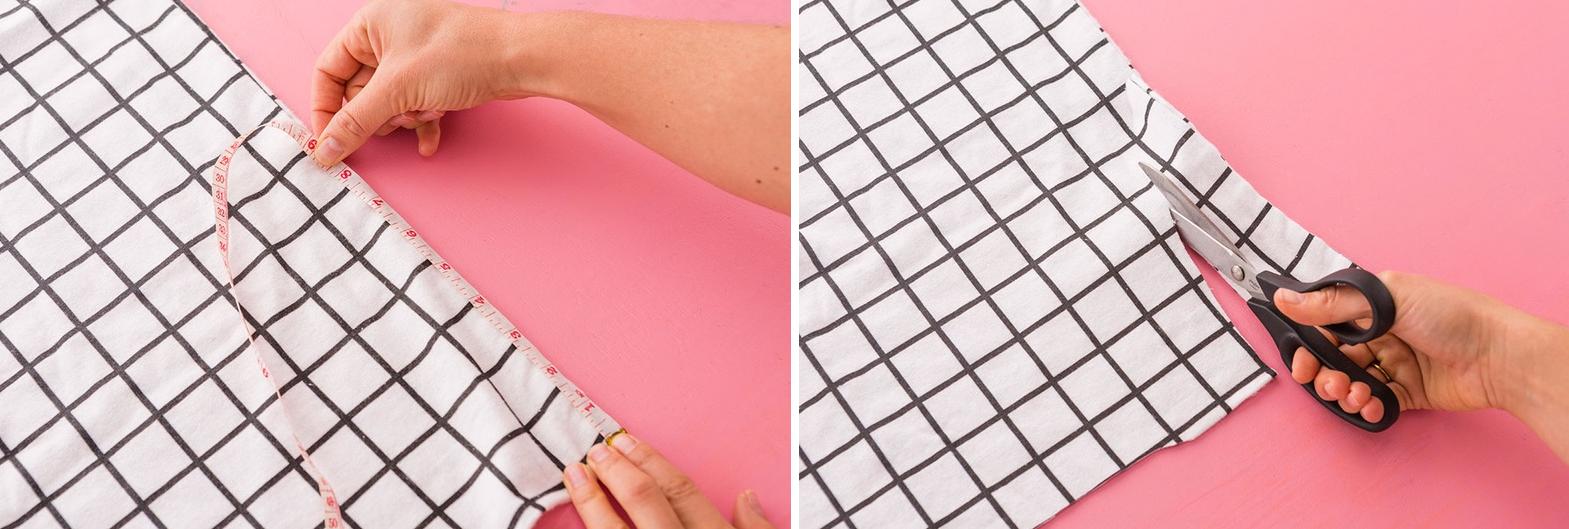 Como hacer blusas ligeras con fundas para almohadas en 3 simples pasos3